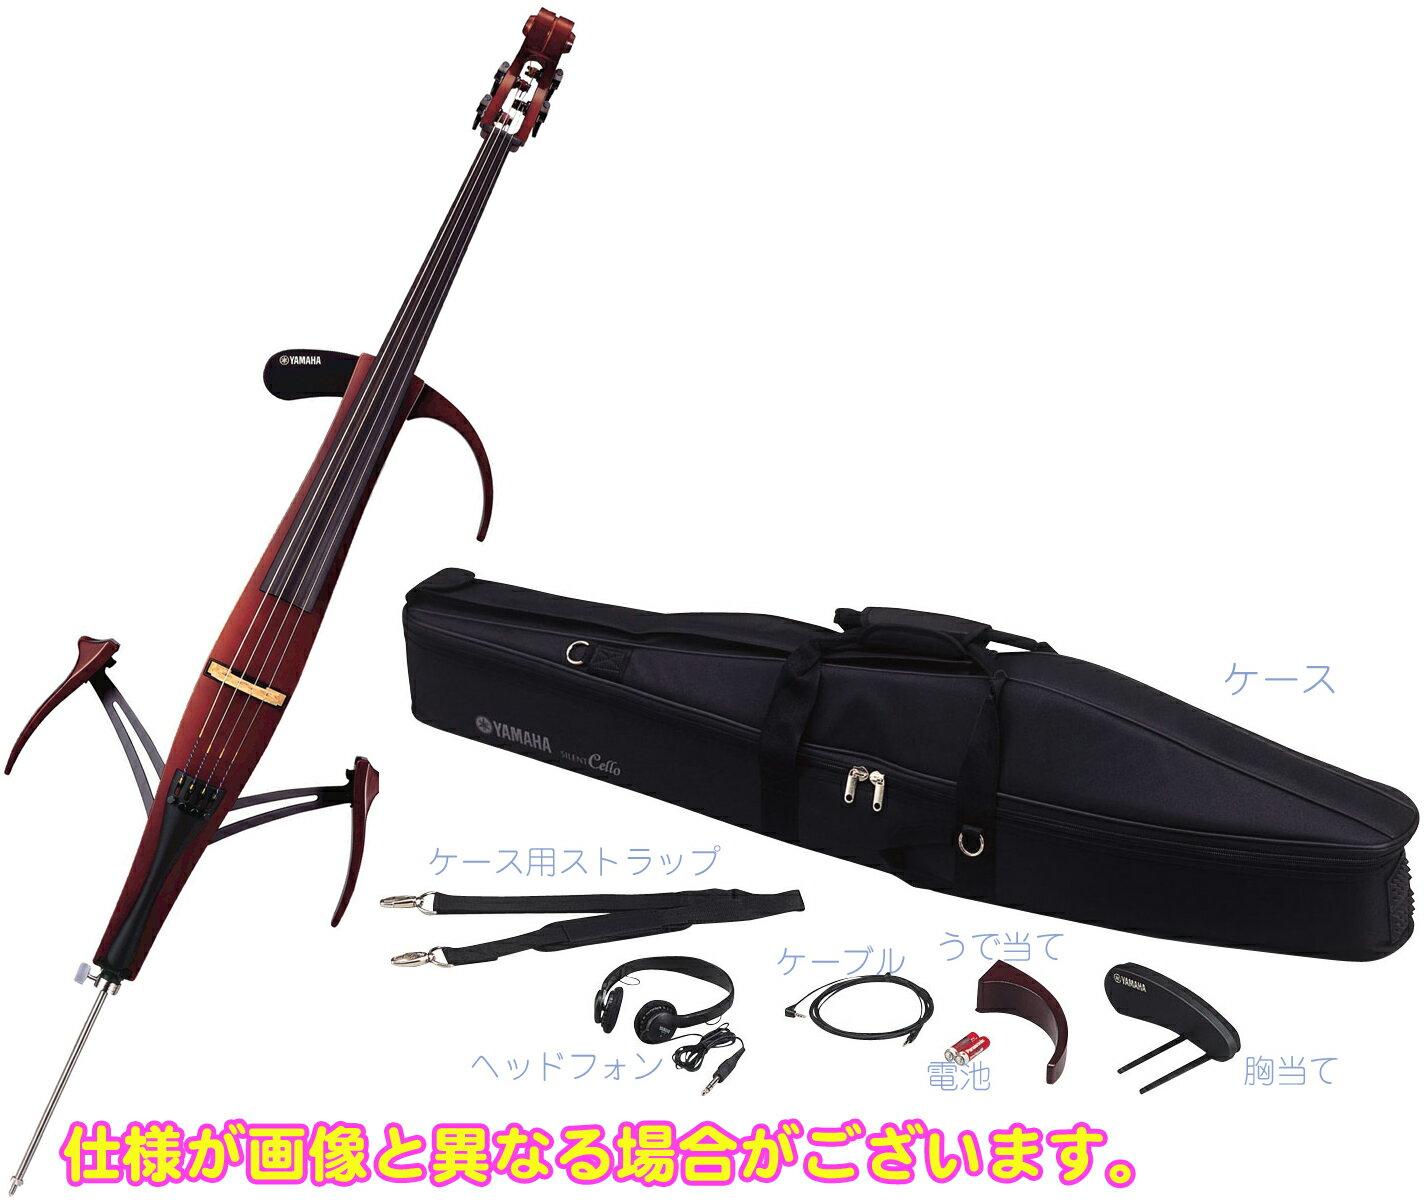 YAMAHA ( ヤマハ ) SVC210 サイレントチェロ 4/4サイズ 消音 弦楽器 ウォームギア式 糸巻き 弱音 チェロ ピエゾピックアップ 楽器 リバーブ 軽量 Silent cello 一部送料追加 送料無料(北海道/離島/沖縄不可)